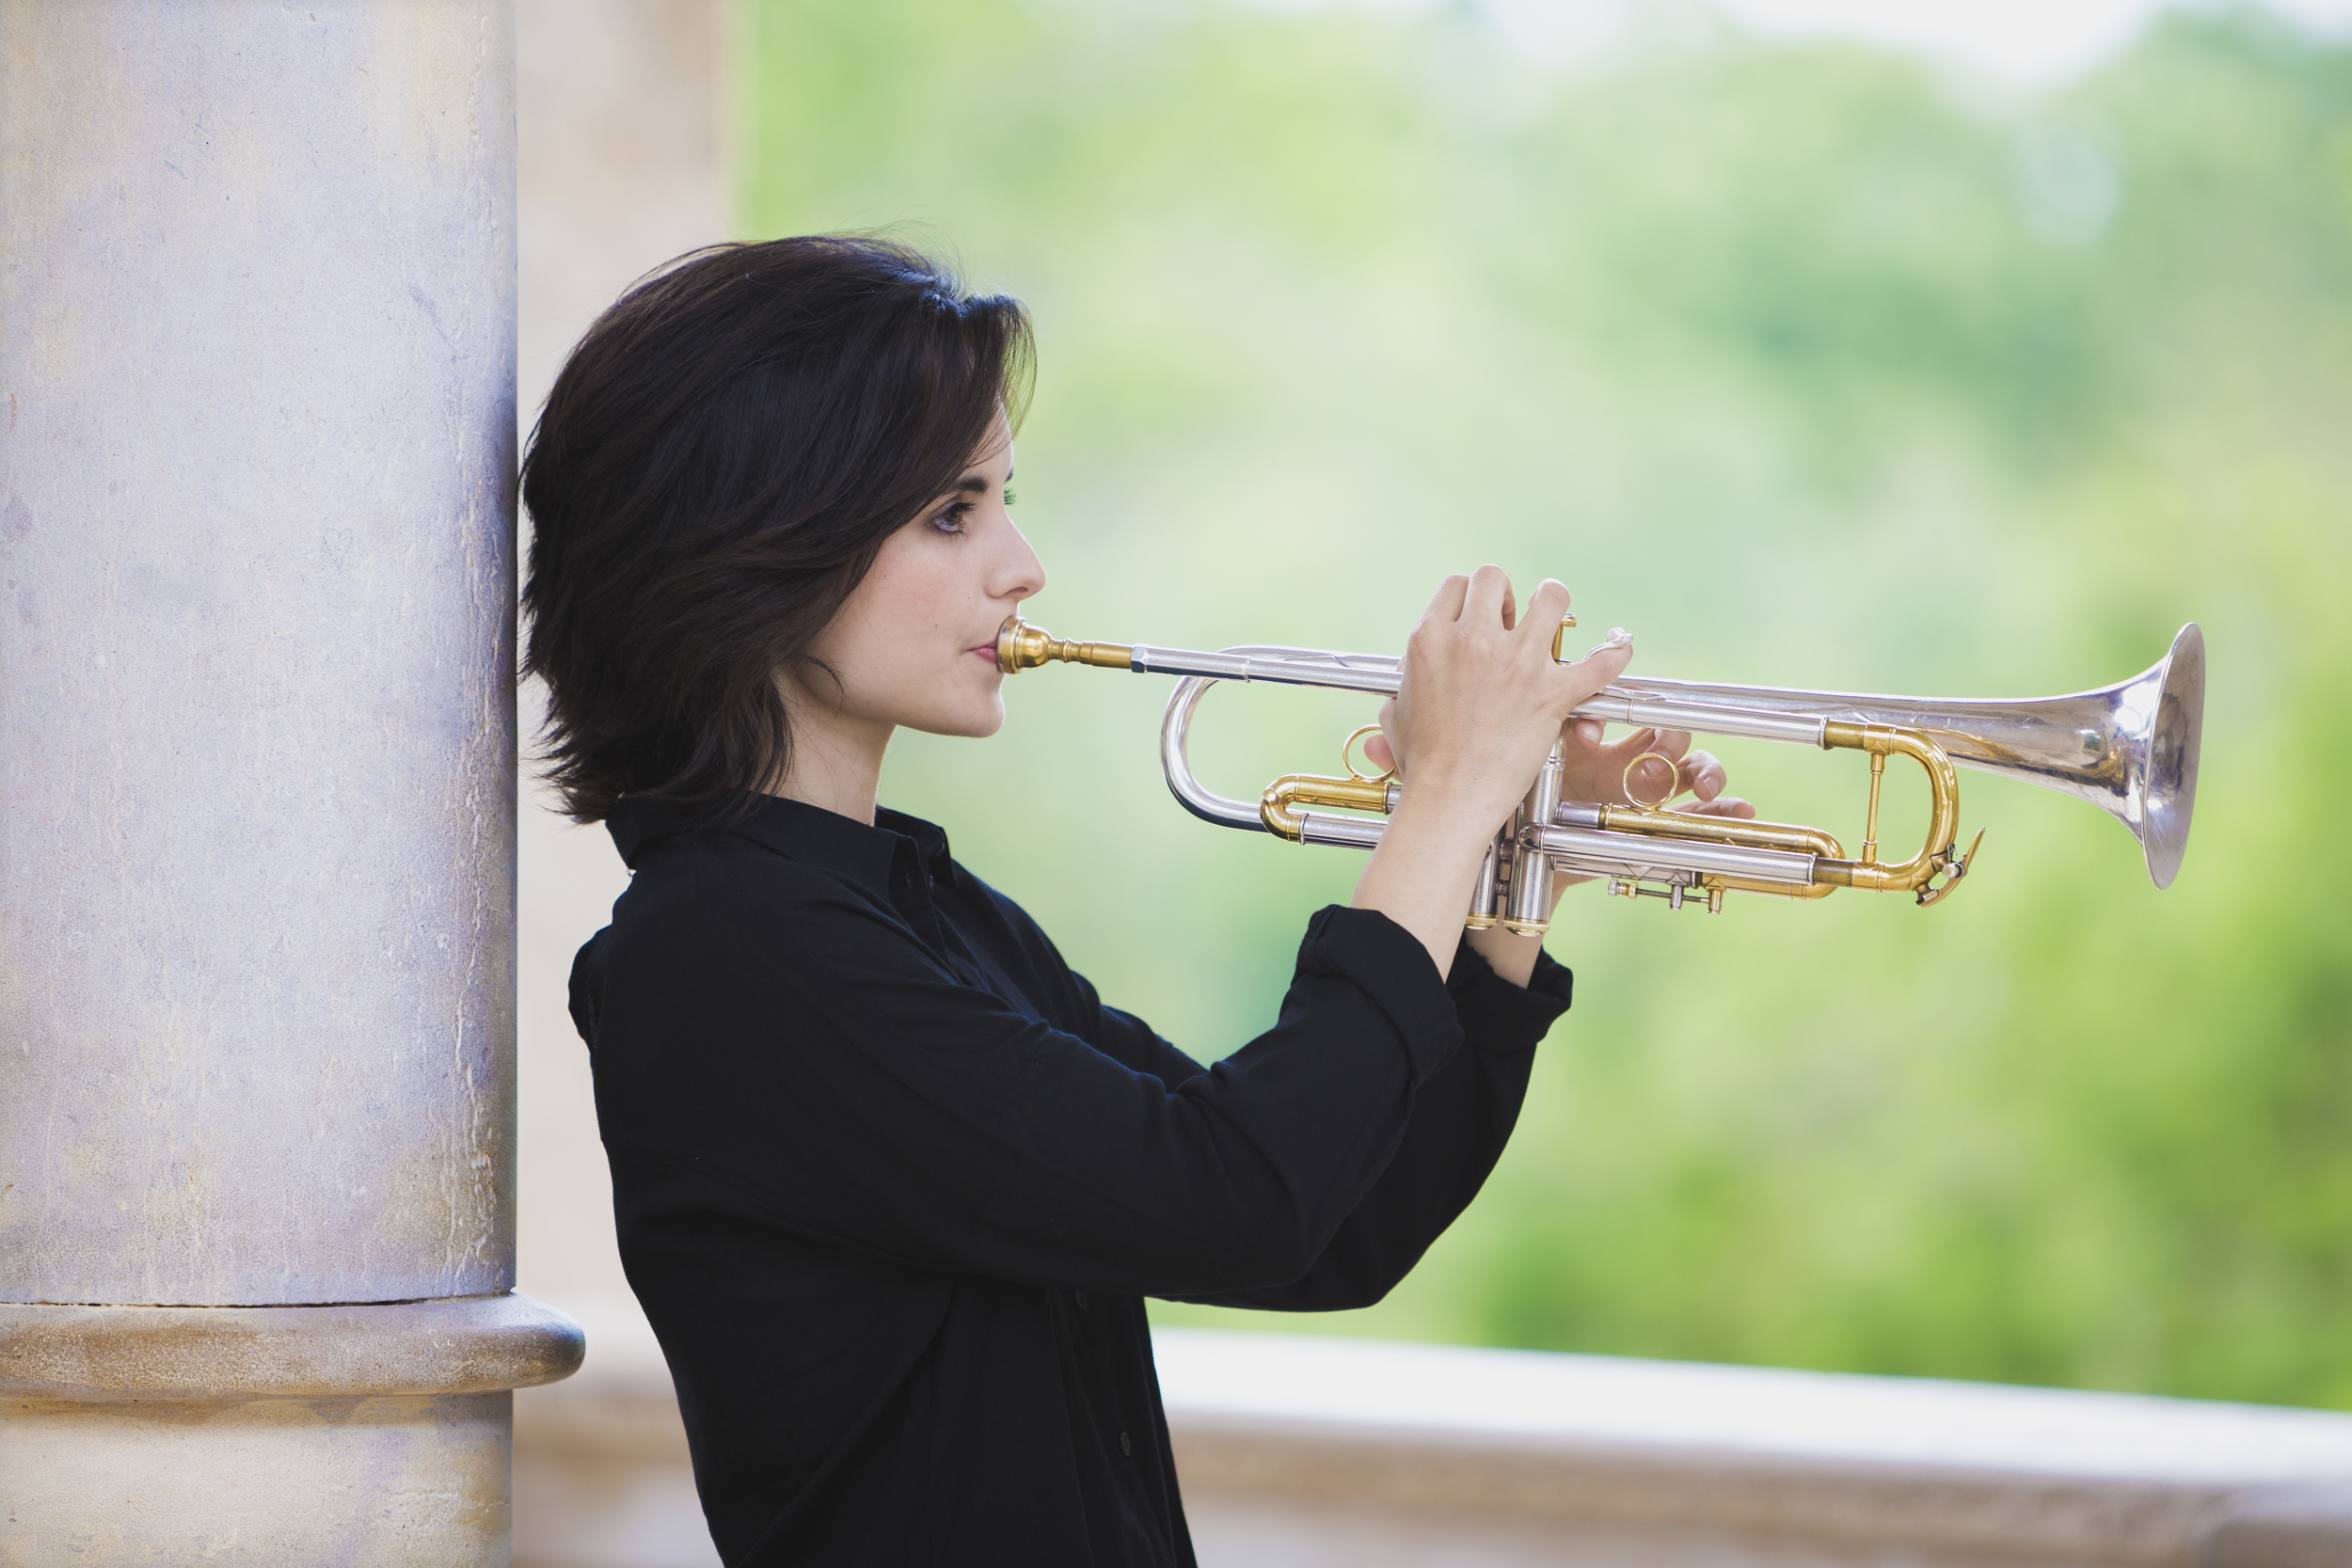 Andrea Motis portarà el diumenge a Tàrrega els temes del seu primer àlbum, Emotional dance